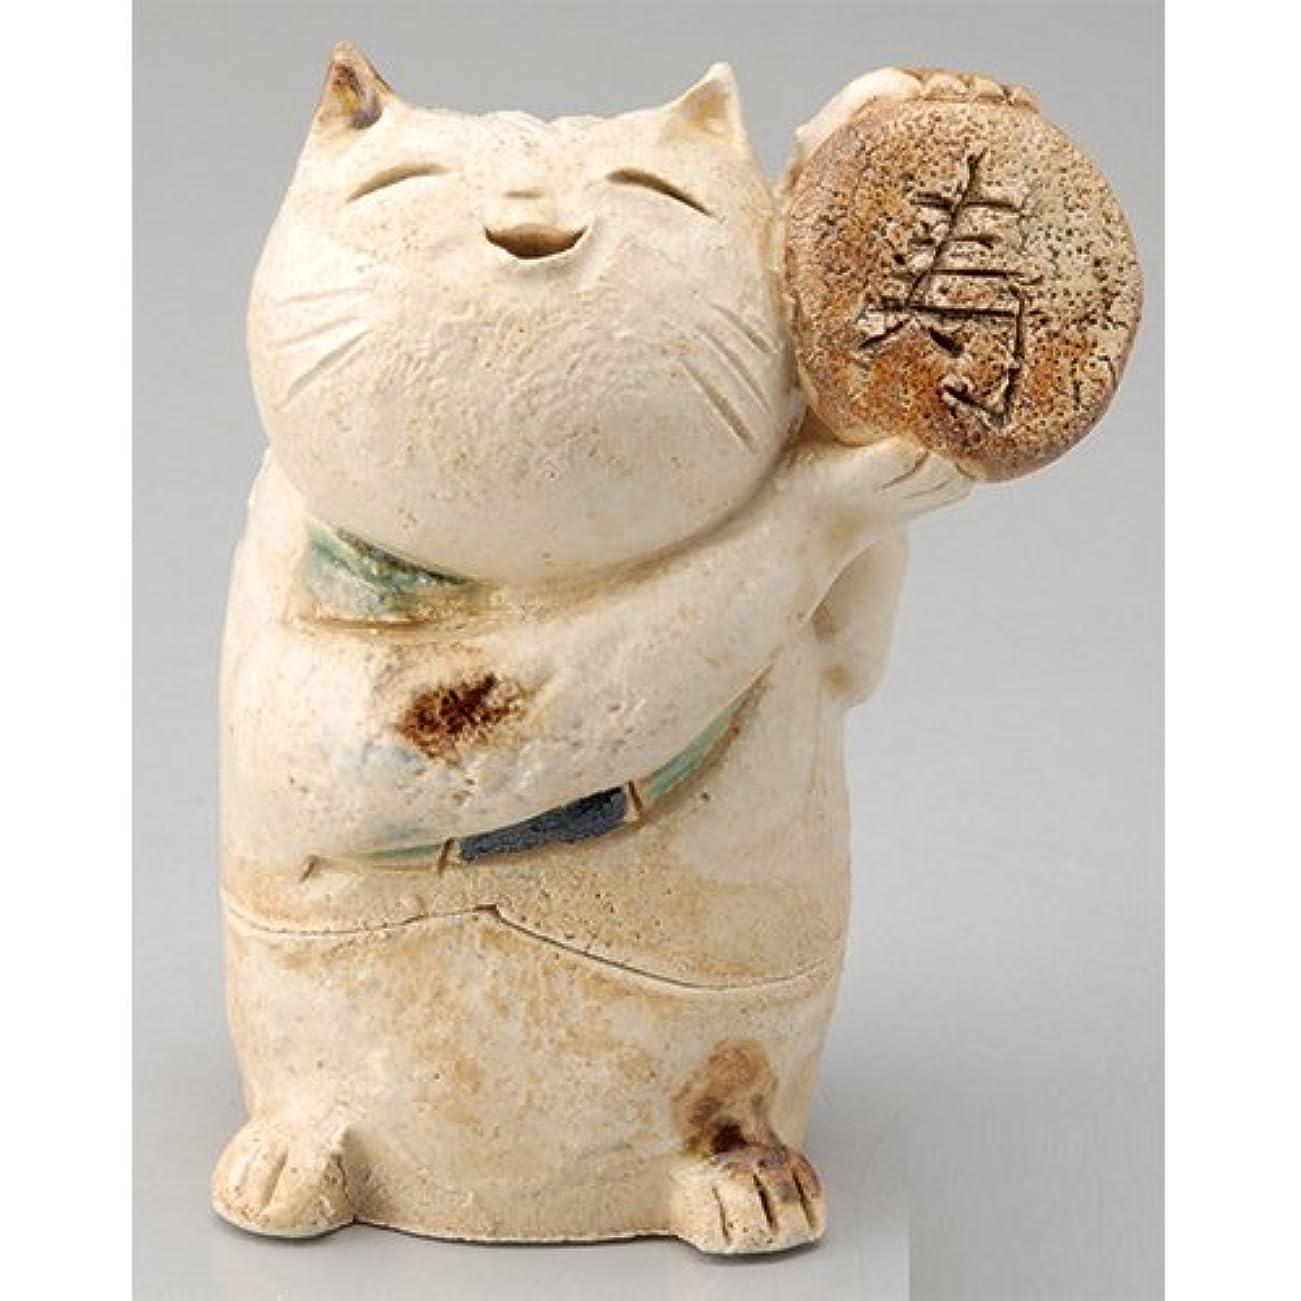 遊具言い直す広範囲に香炉 ごえん猫 香炉(寿) [H8cm] HANDMADE プレゼント ギフト 和食器 かわいい インテリア